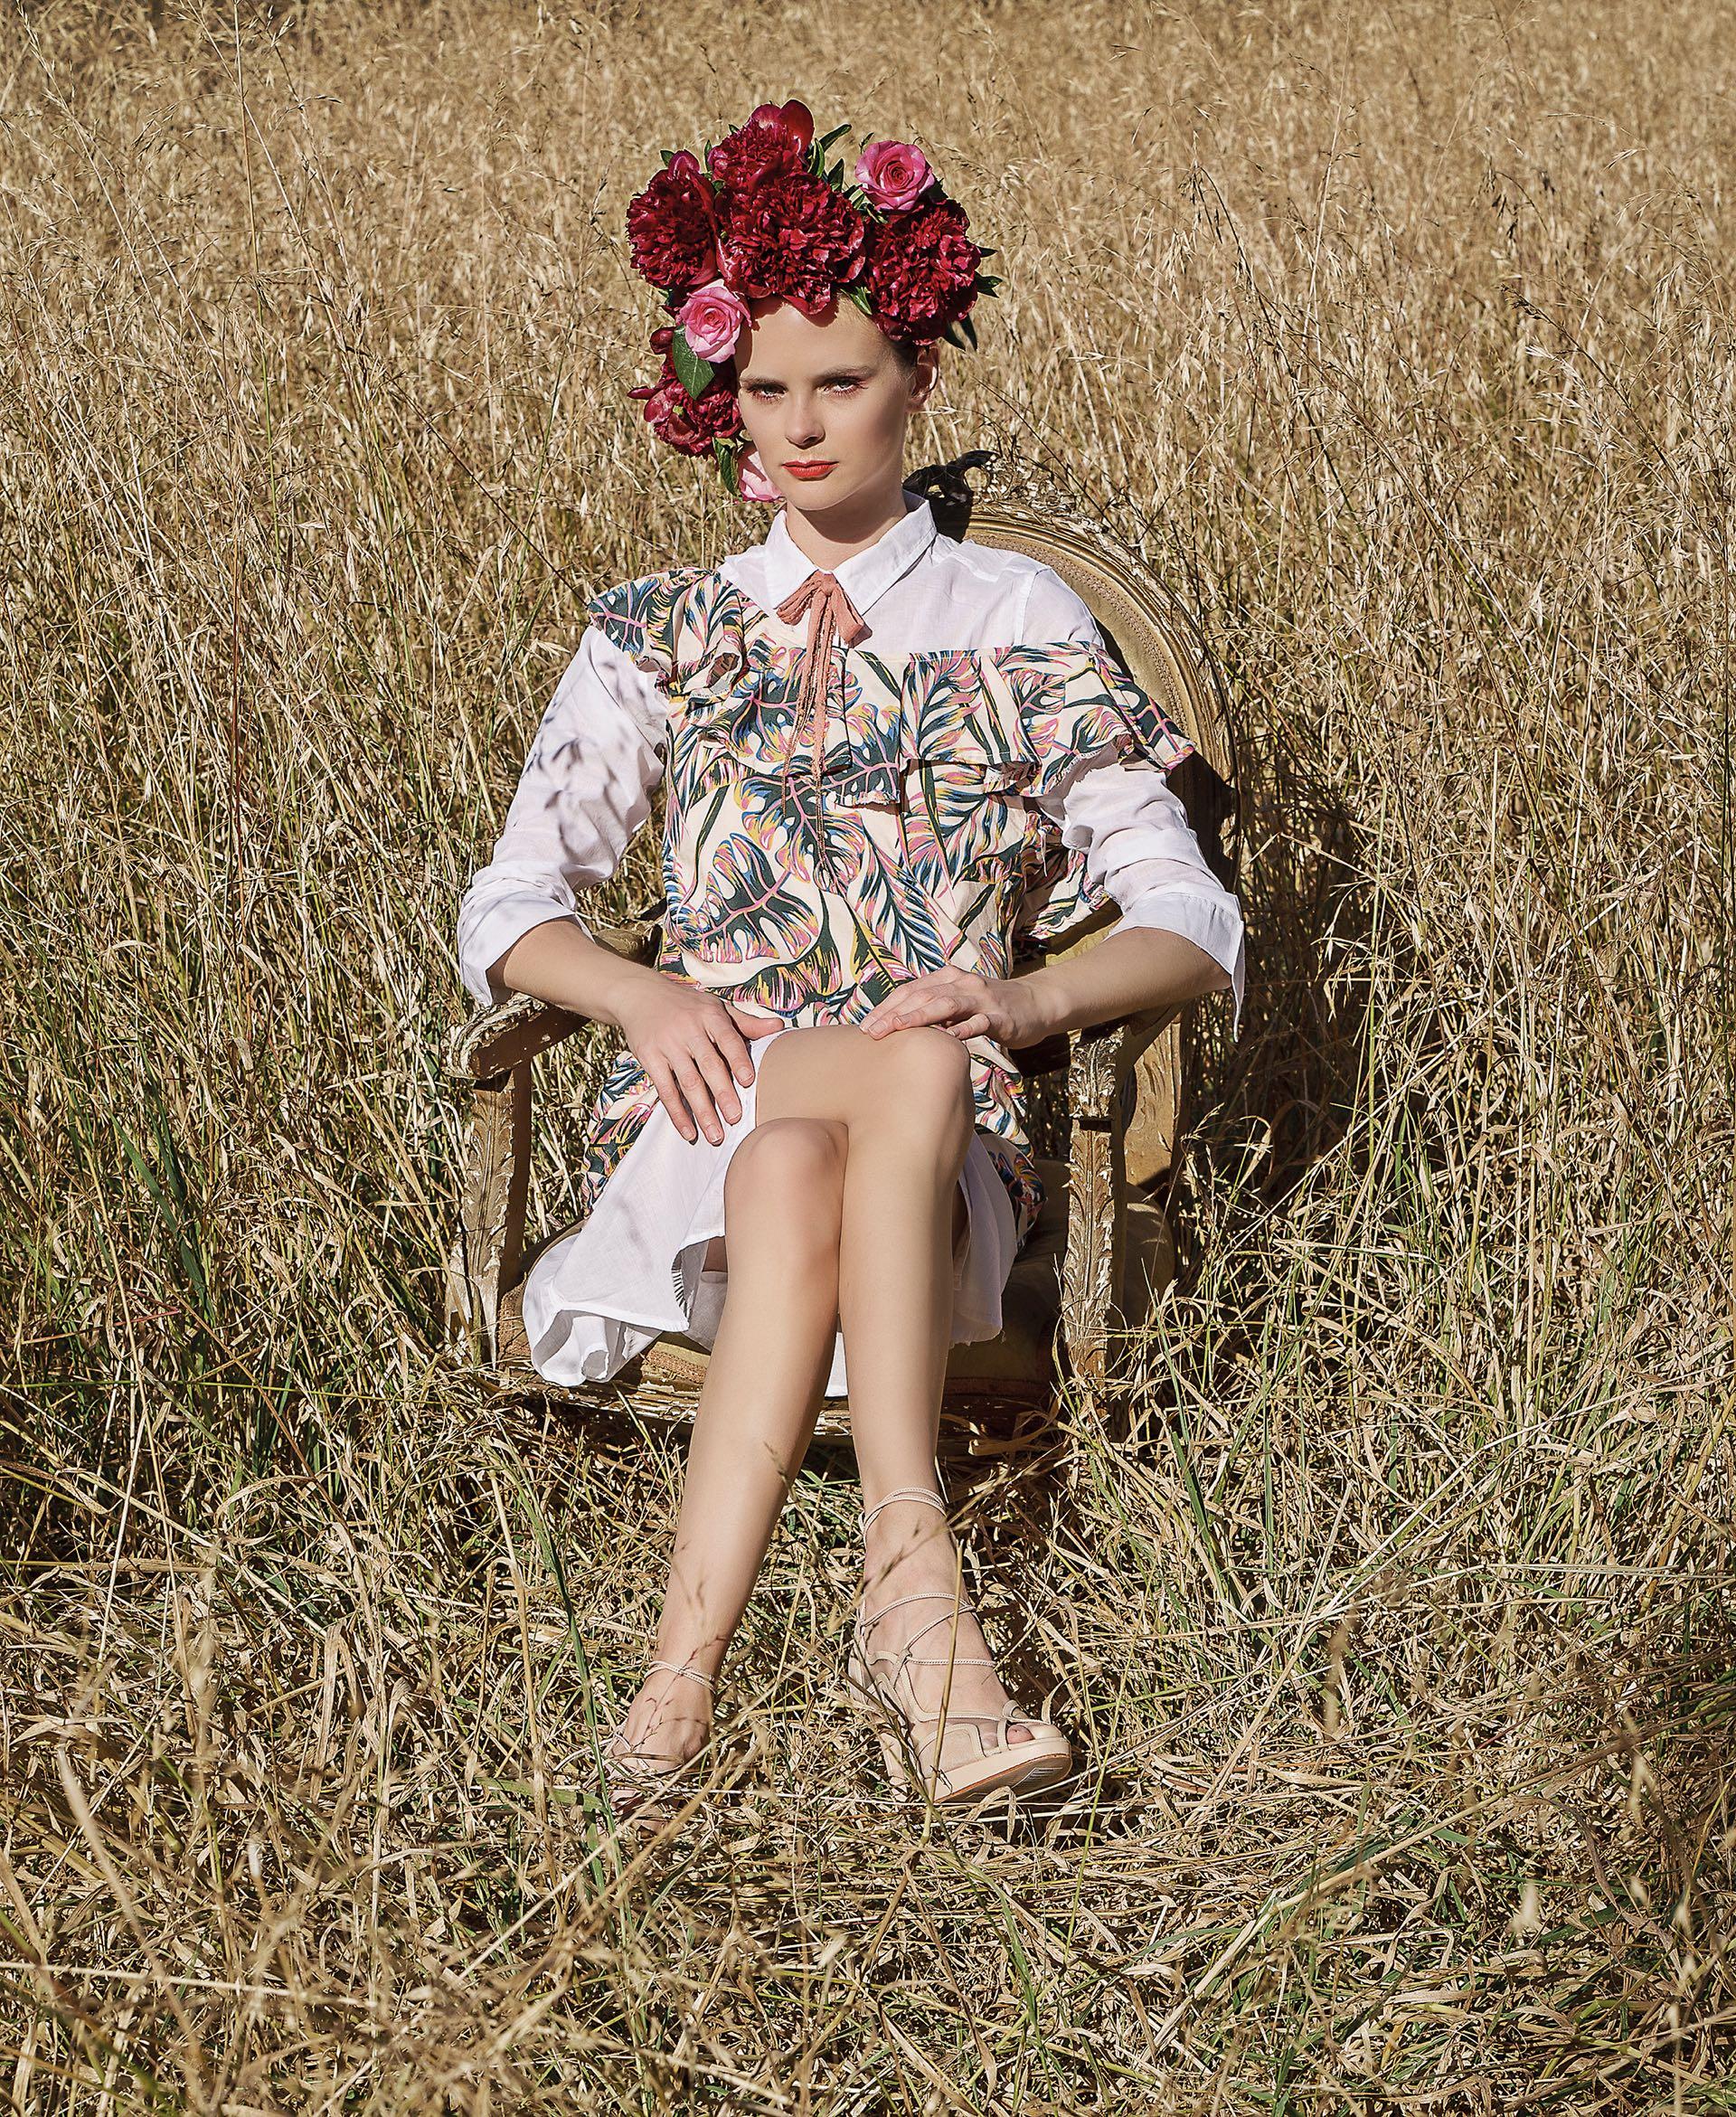 Camisa larga ($ 590, By Deep), vestido estampado con volado (aprox. $ 450, Asthenia), moño de gasa con detalles de cadenas ($ 290, India Style) y sandalias de gamuza y cuero con tiras ($ 6.000, Saverio Di Ricci).Foto Juan Jauregui/ Para Ti